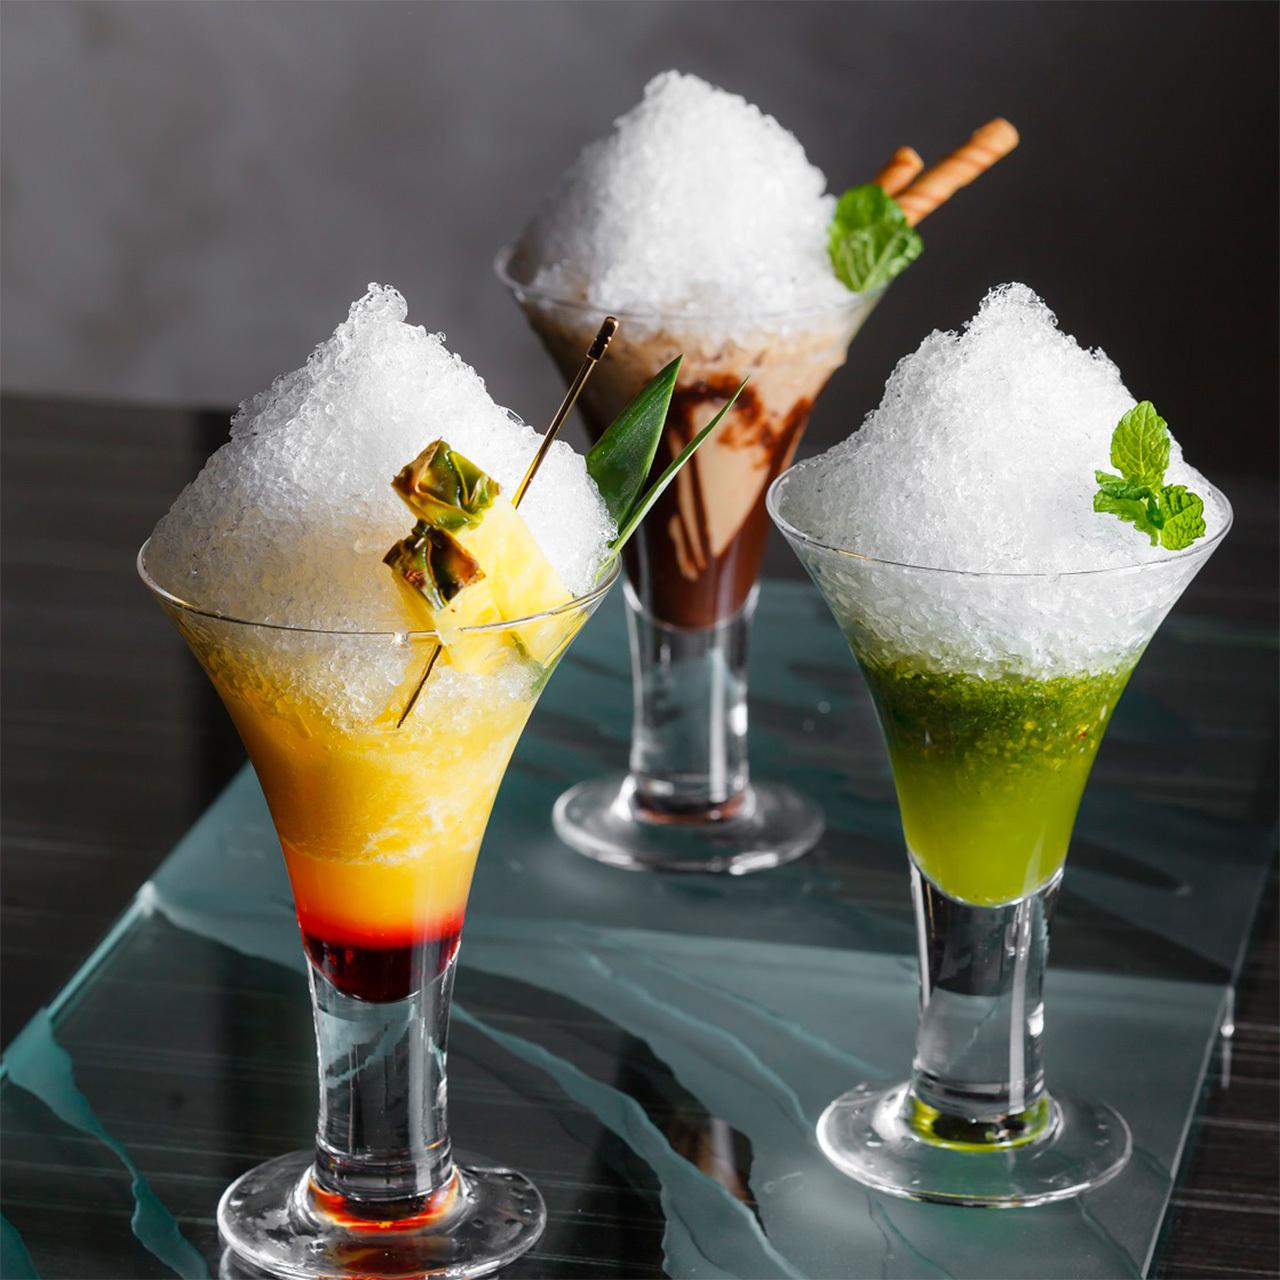 絶対食べに行きたい!夏の暑さを和らげる、シャンパーニュベースの大人のかき氷_1_1